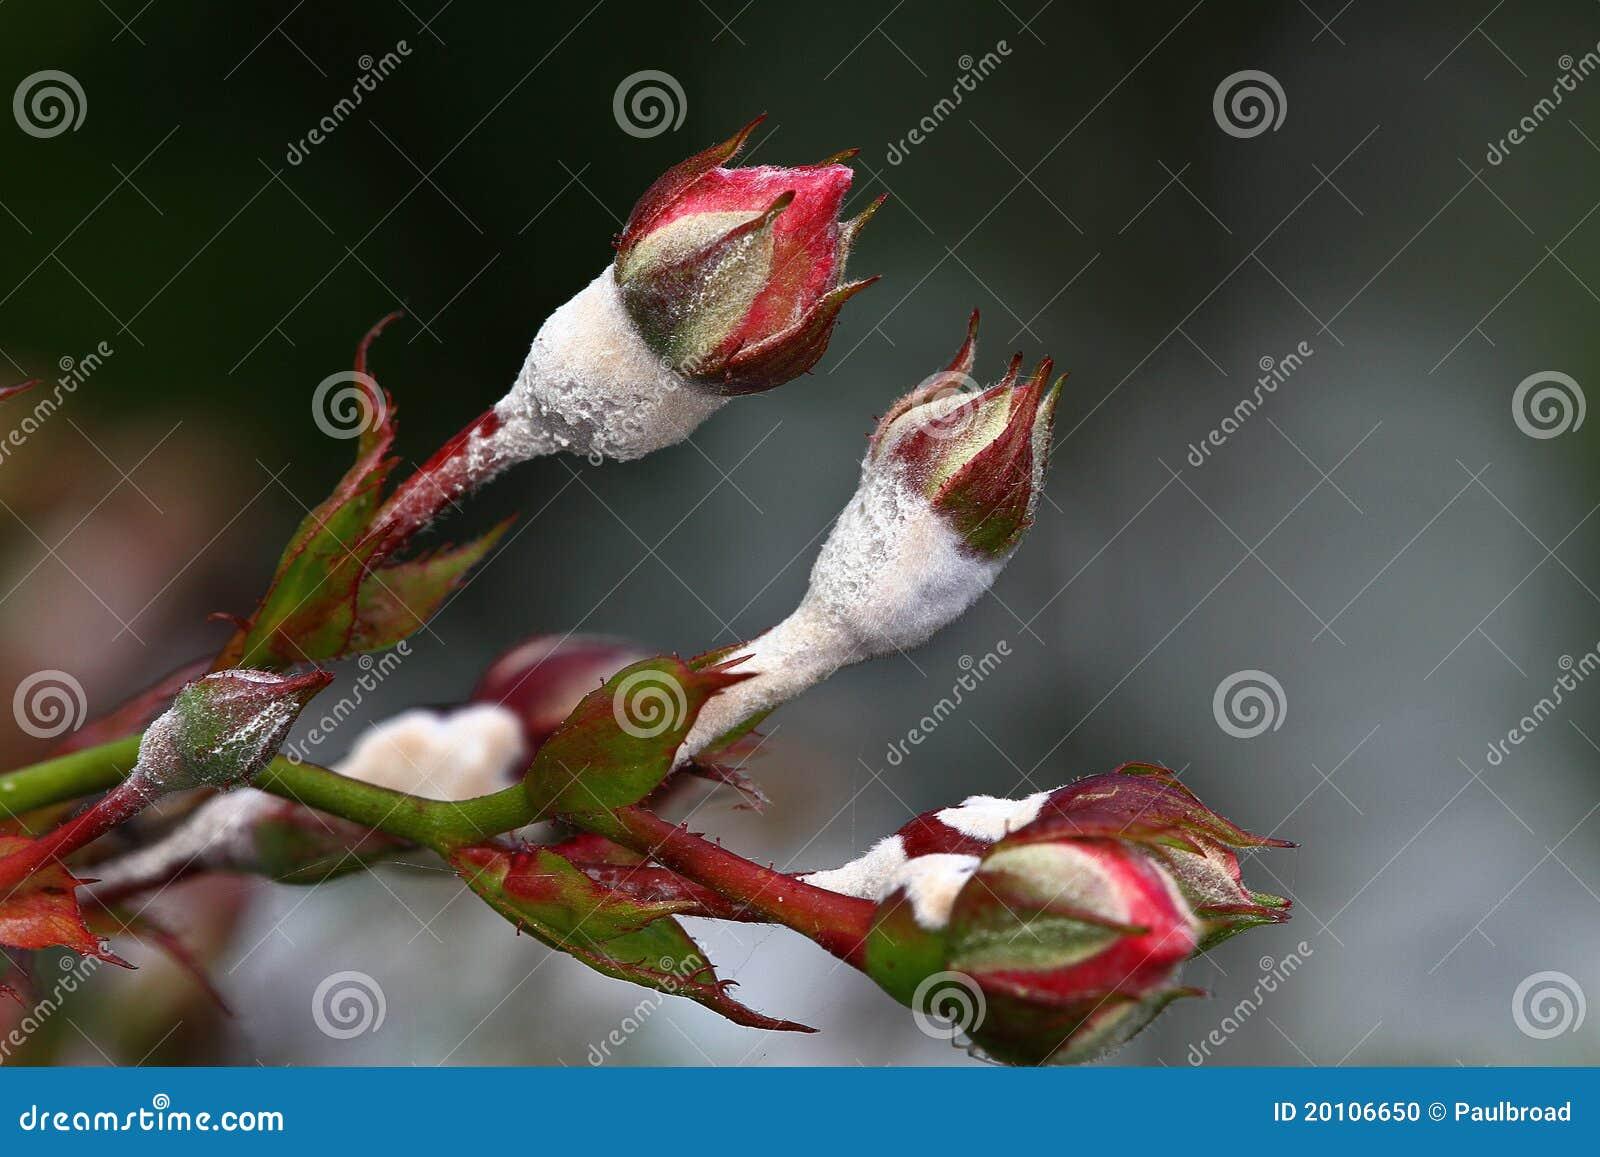 mehltau auf rosen stockfoto bild von rosen mehltau. Black Bedroom Furniture Sets. Home Design Ideas